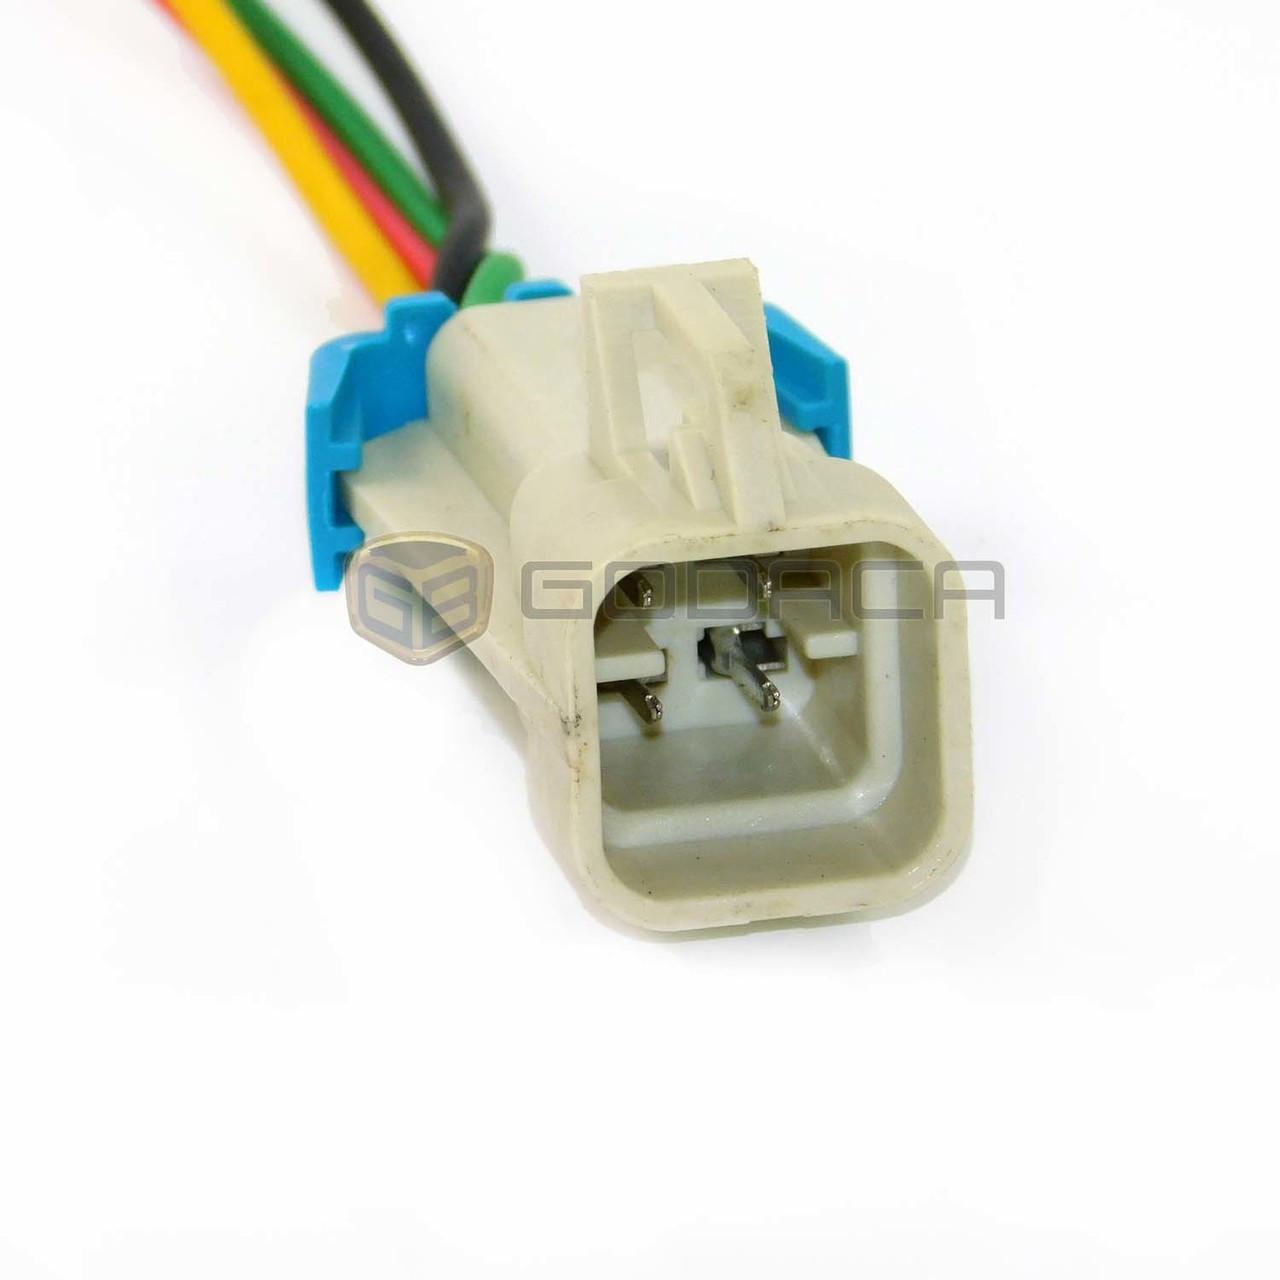 1x 4 way repair connector for gm fuel pump oxygen sensor ls1 godaca llc  [ 1280 x 1280 Pixel ]